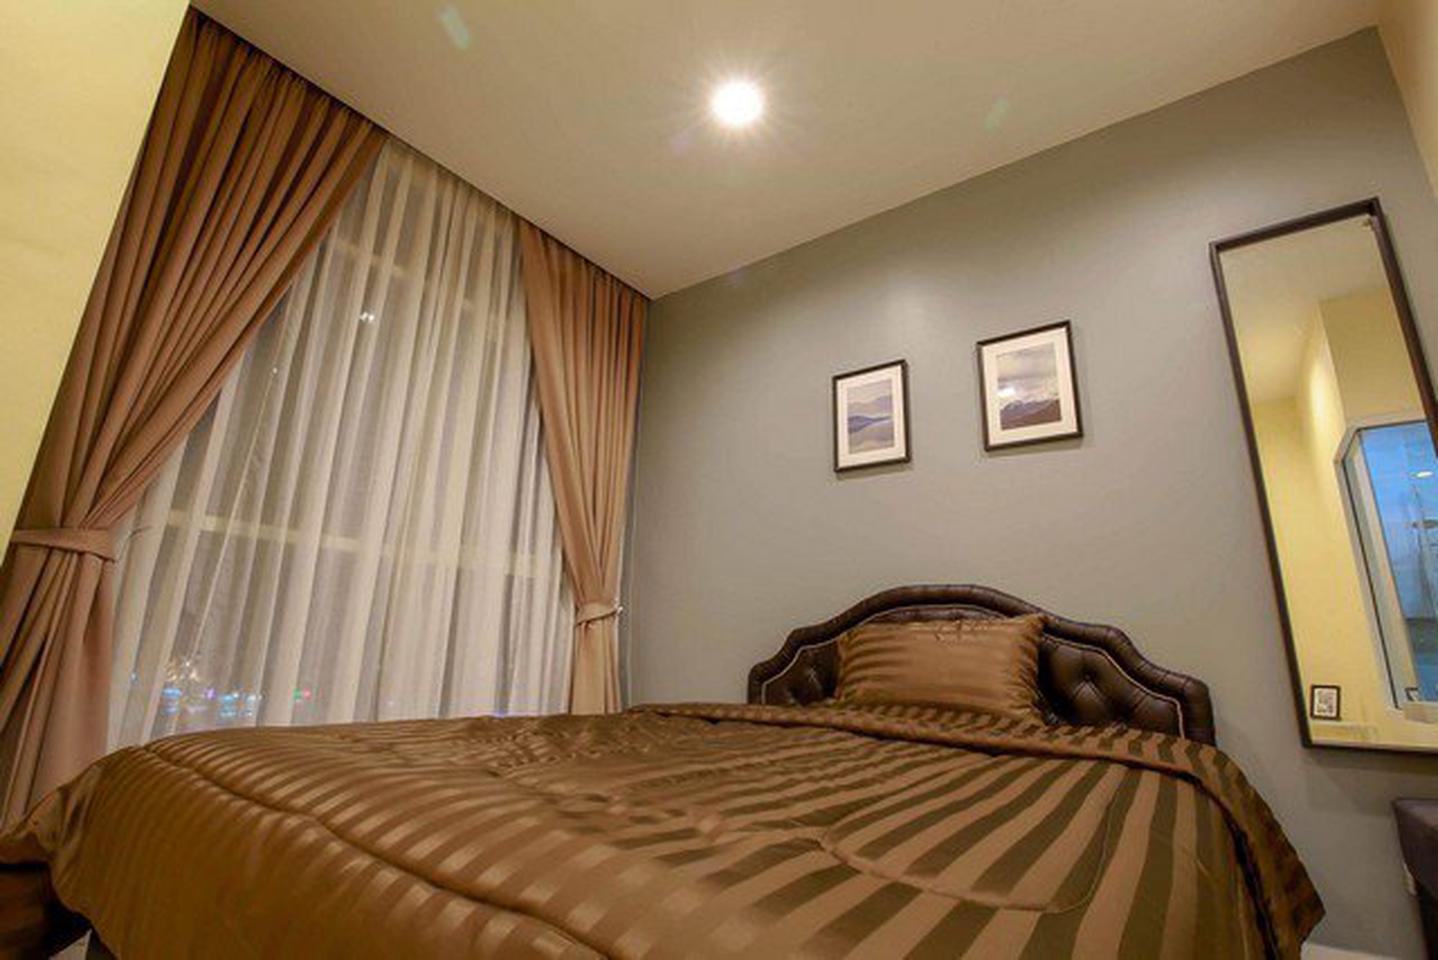 ห้องสวยพร้อมอยู่ เฟอร์ครบ เป็นส่วนตัว และสงบ  รูปที่ 2